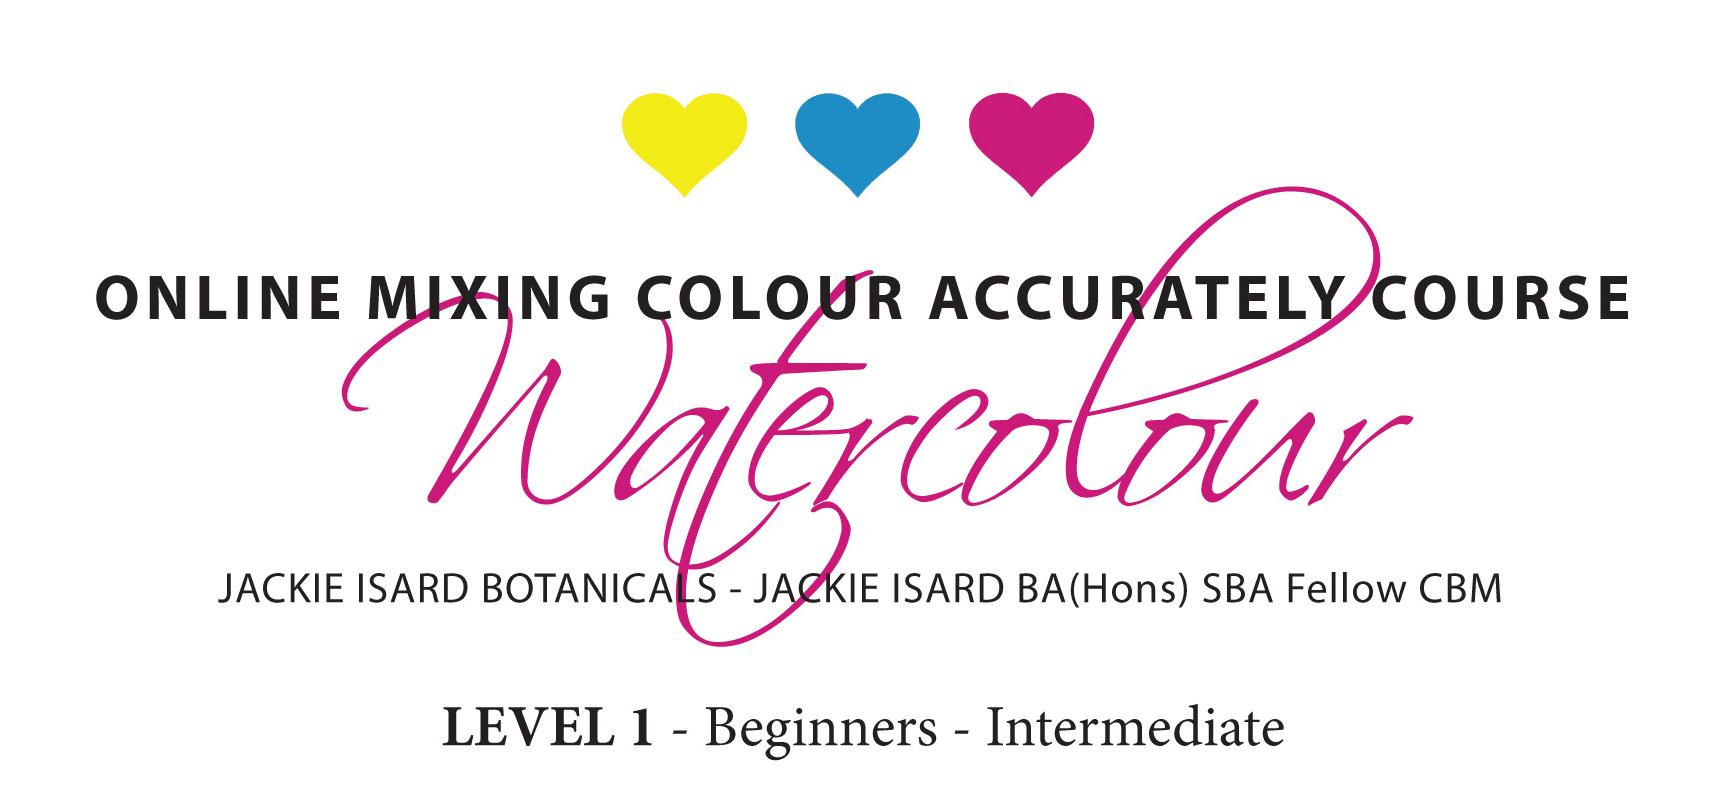 colour online